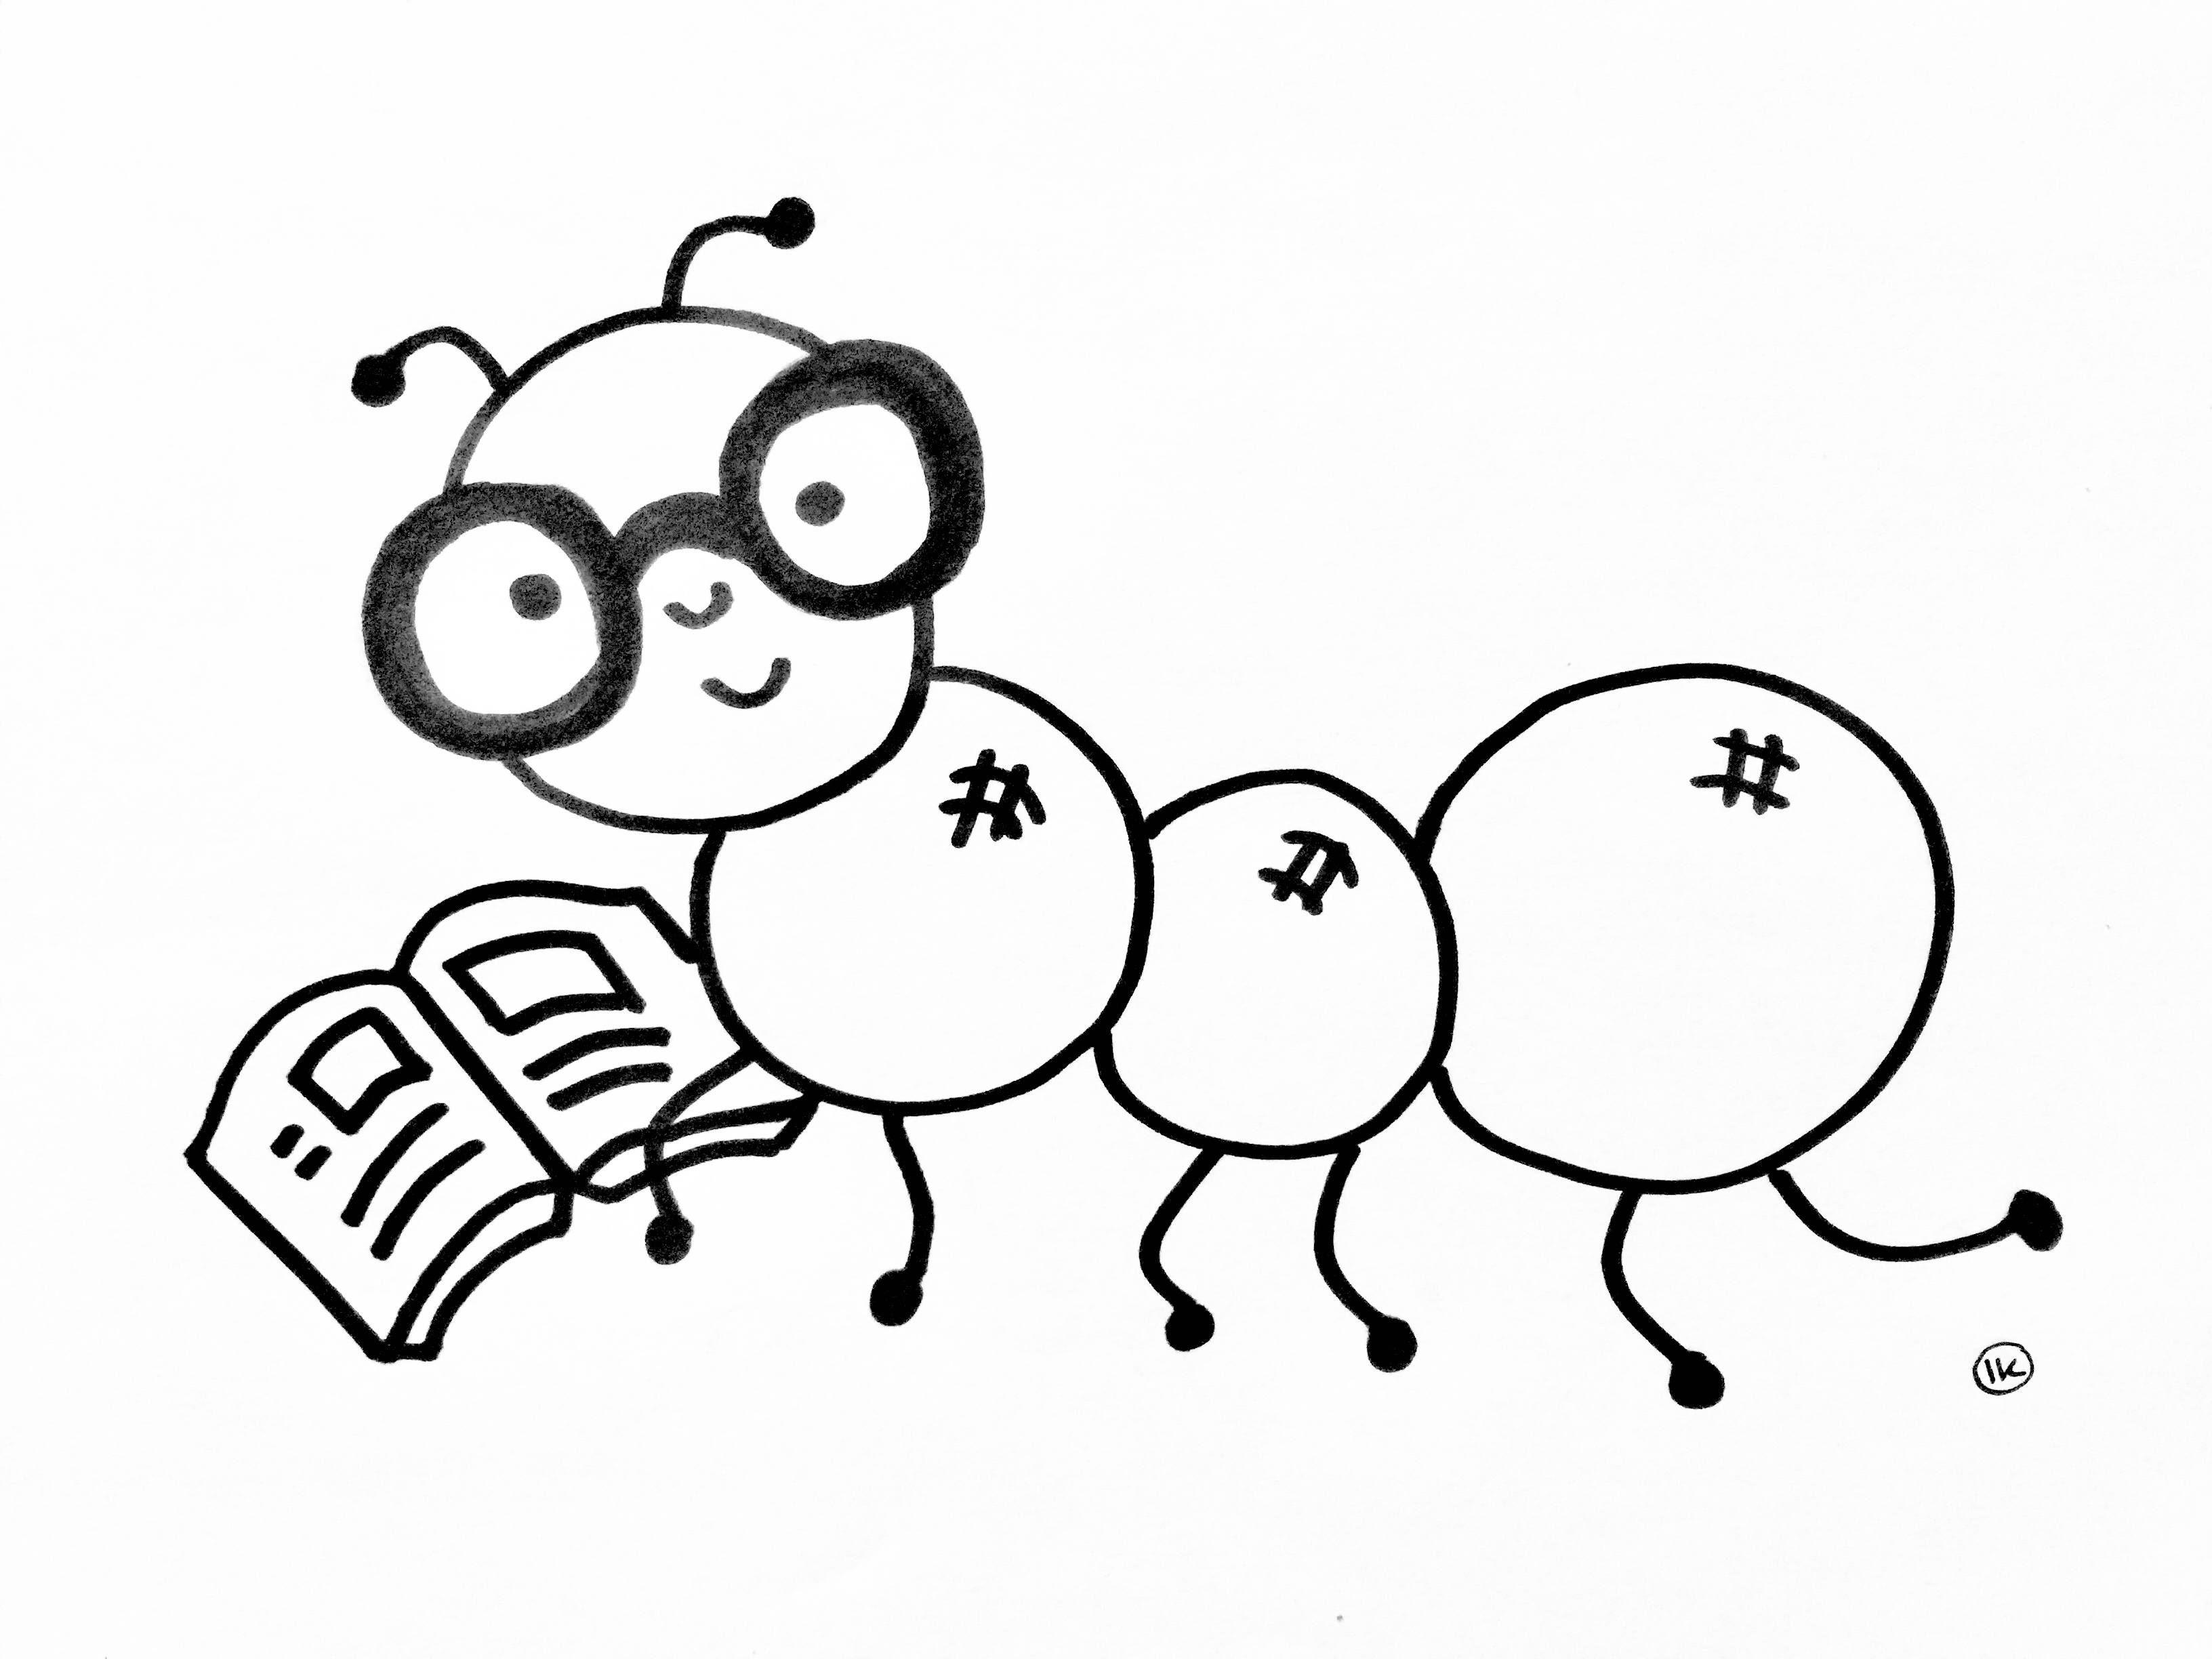 Kleurplaten Kriebelbeestjes Insekten Kleurplaat Kleurplaten Deknutseljuf Sprinkhaan De Knuts Kleurplaten Gratis Kleurplaten Knutselen Voor Kinderen